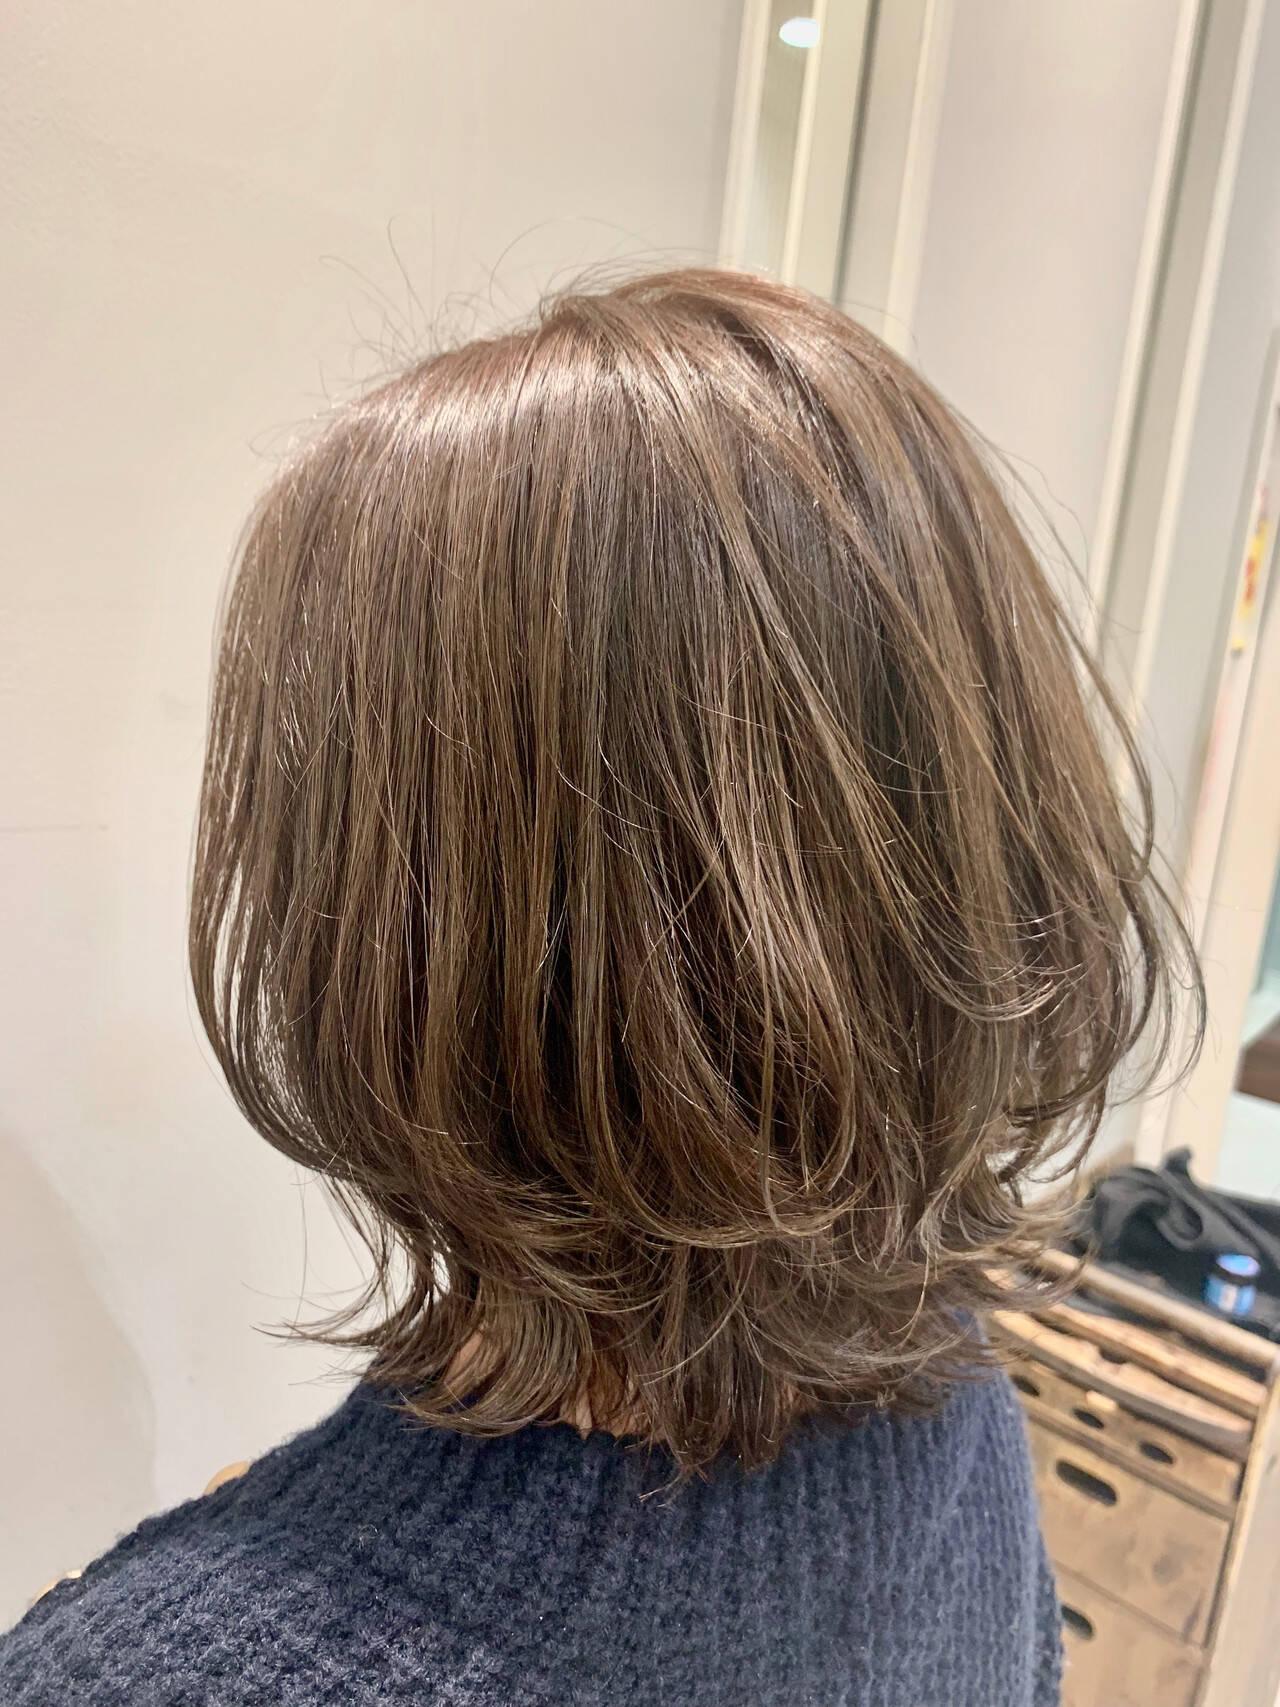 ナチュラル モテボブ ミディアム ひし形シルエットヘアスタイルや髪型の写真・画像